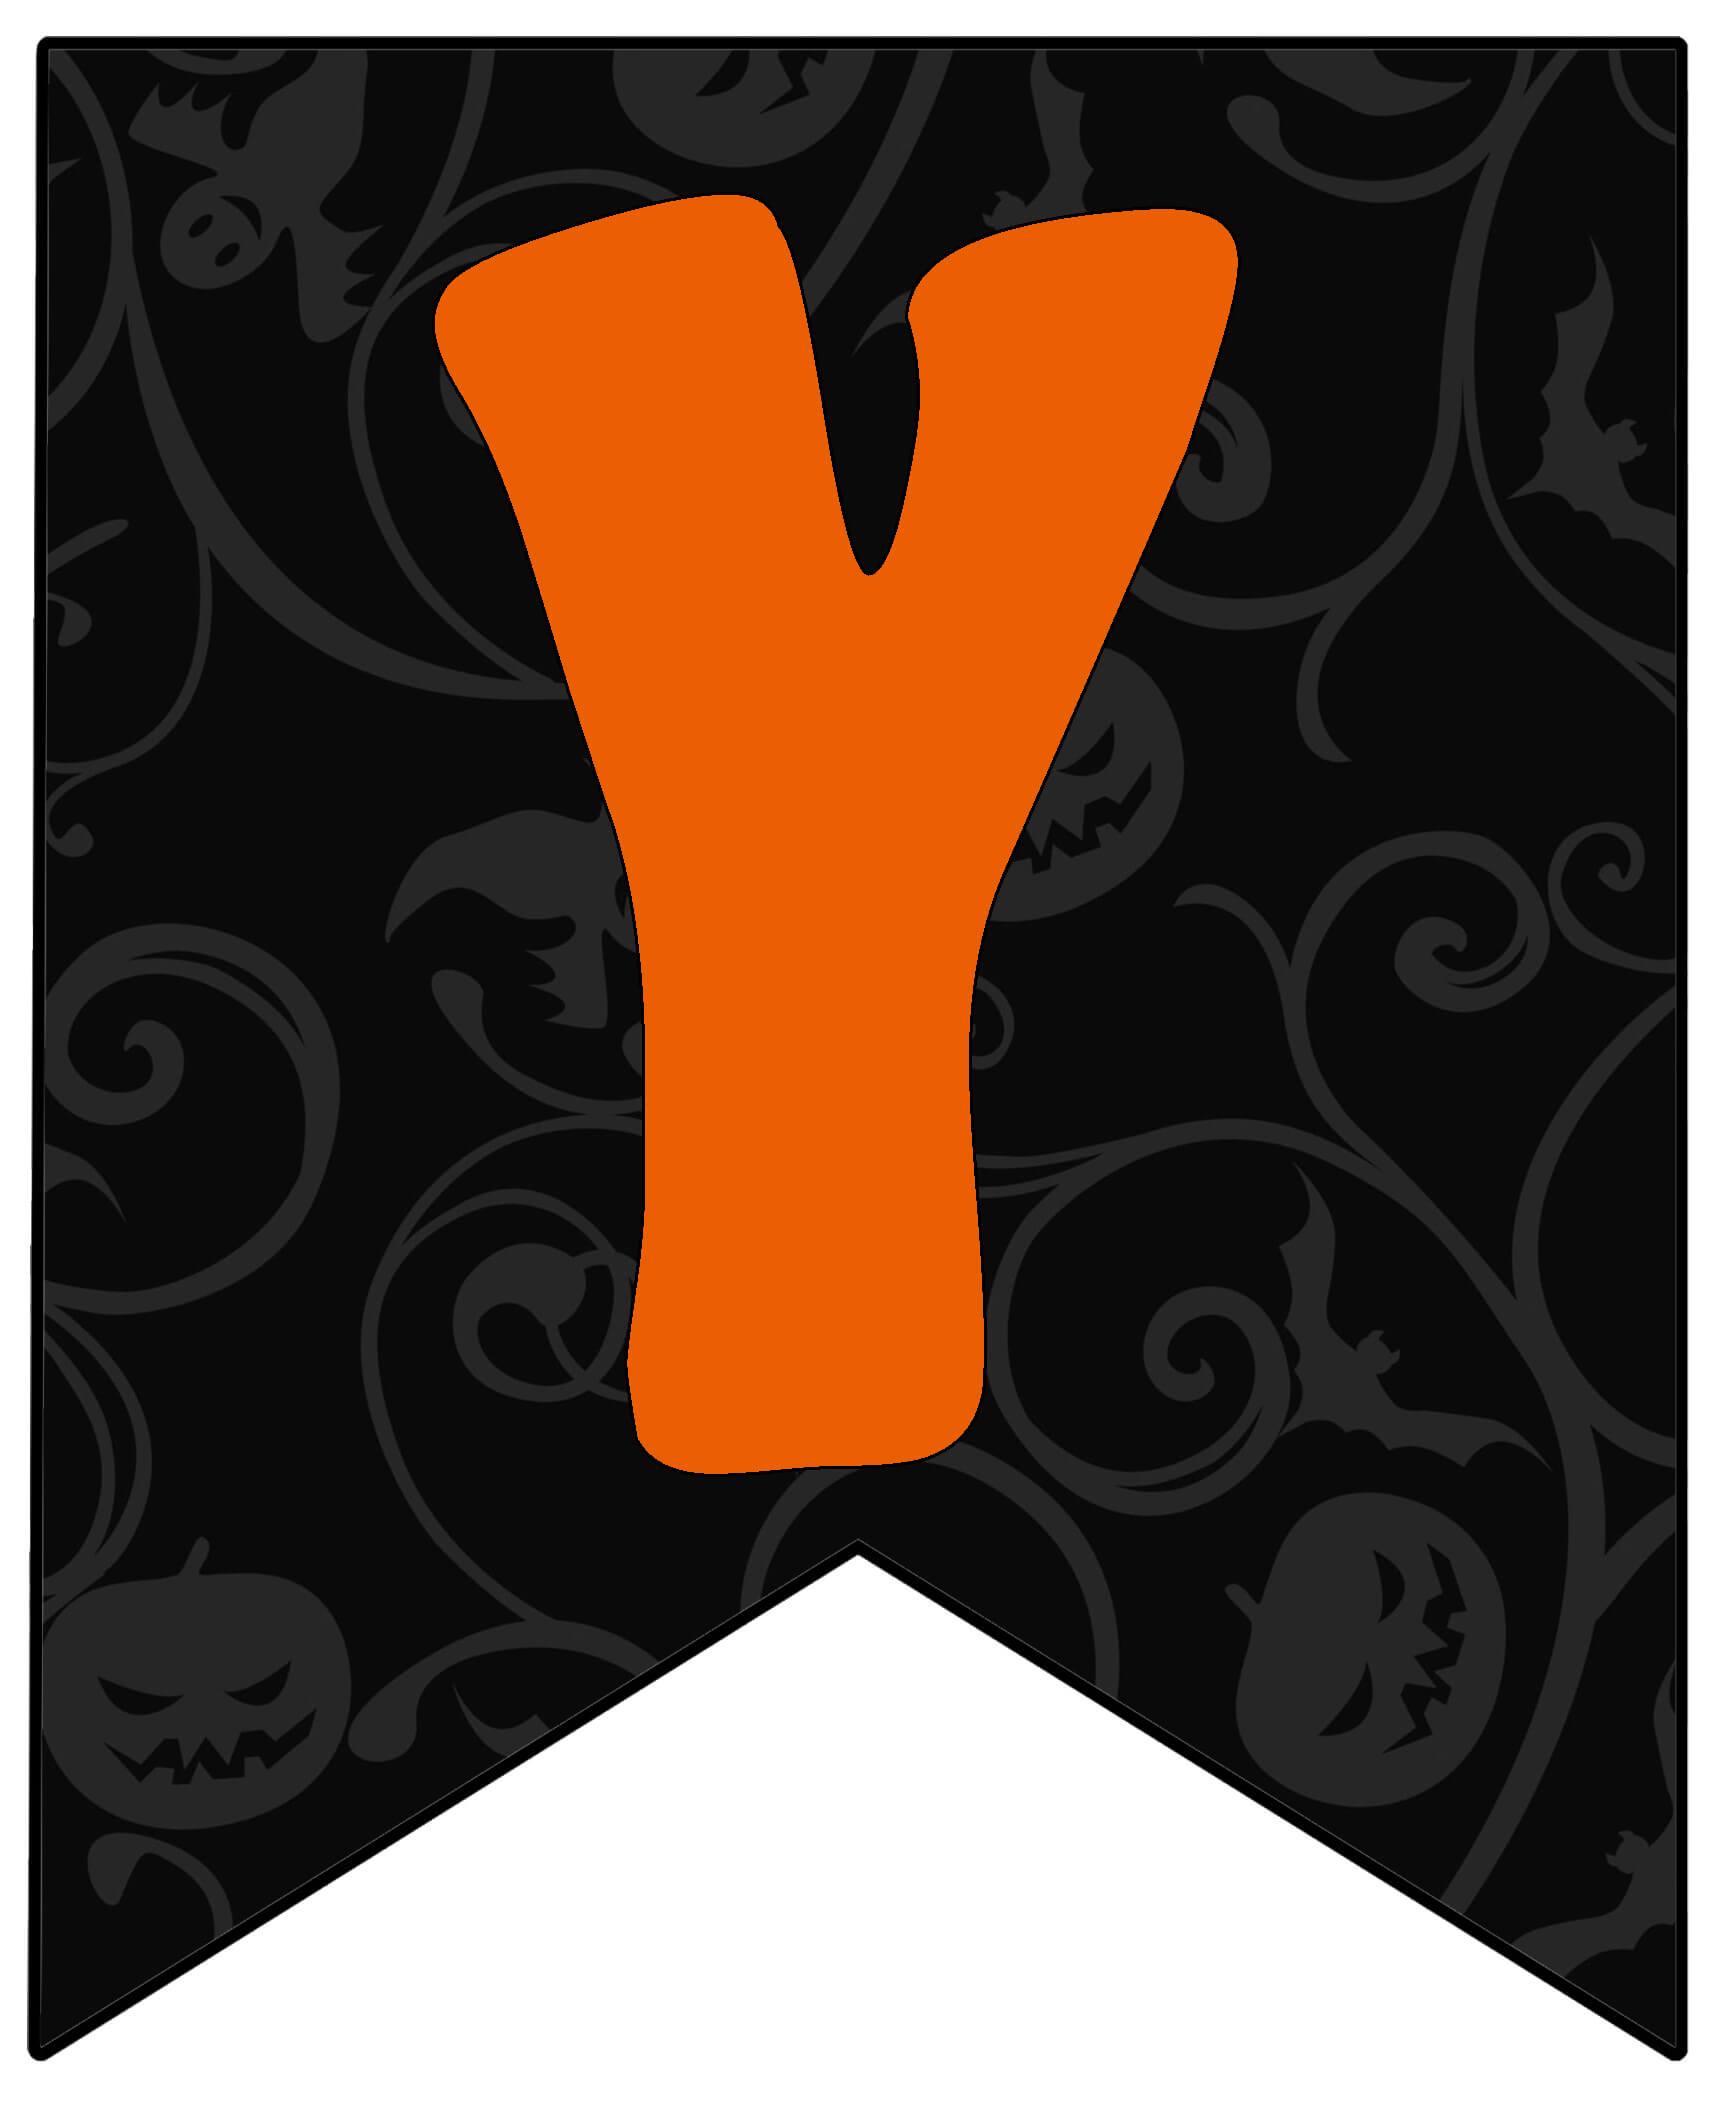 Гирлянда Хэллоуин по буквам распечатать бесплатно